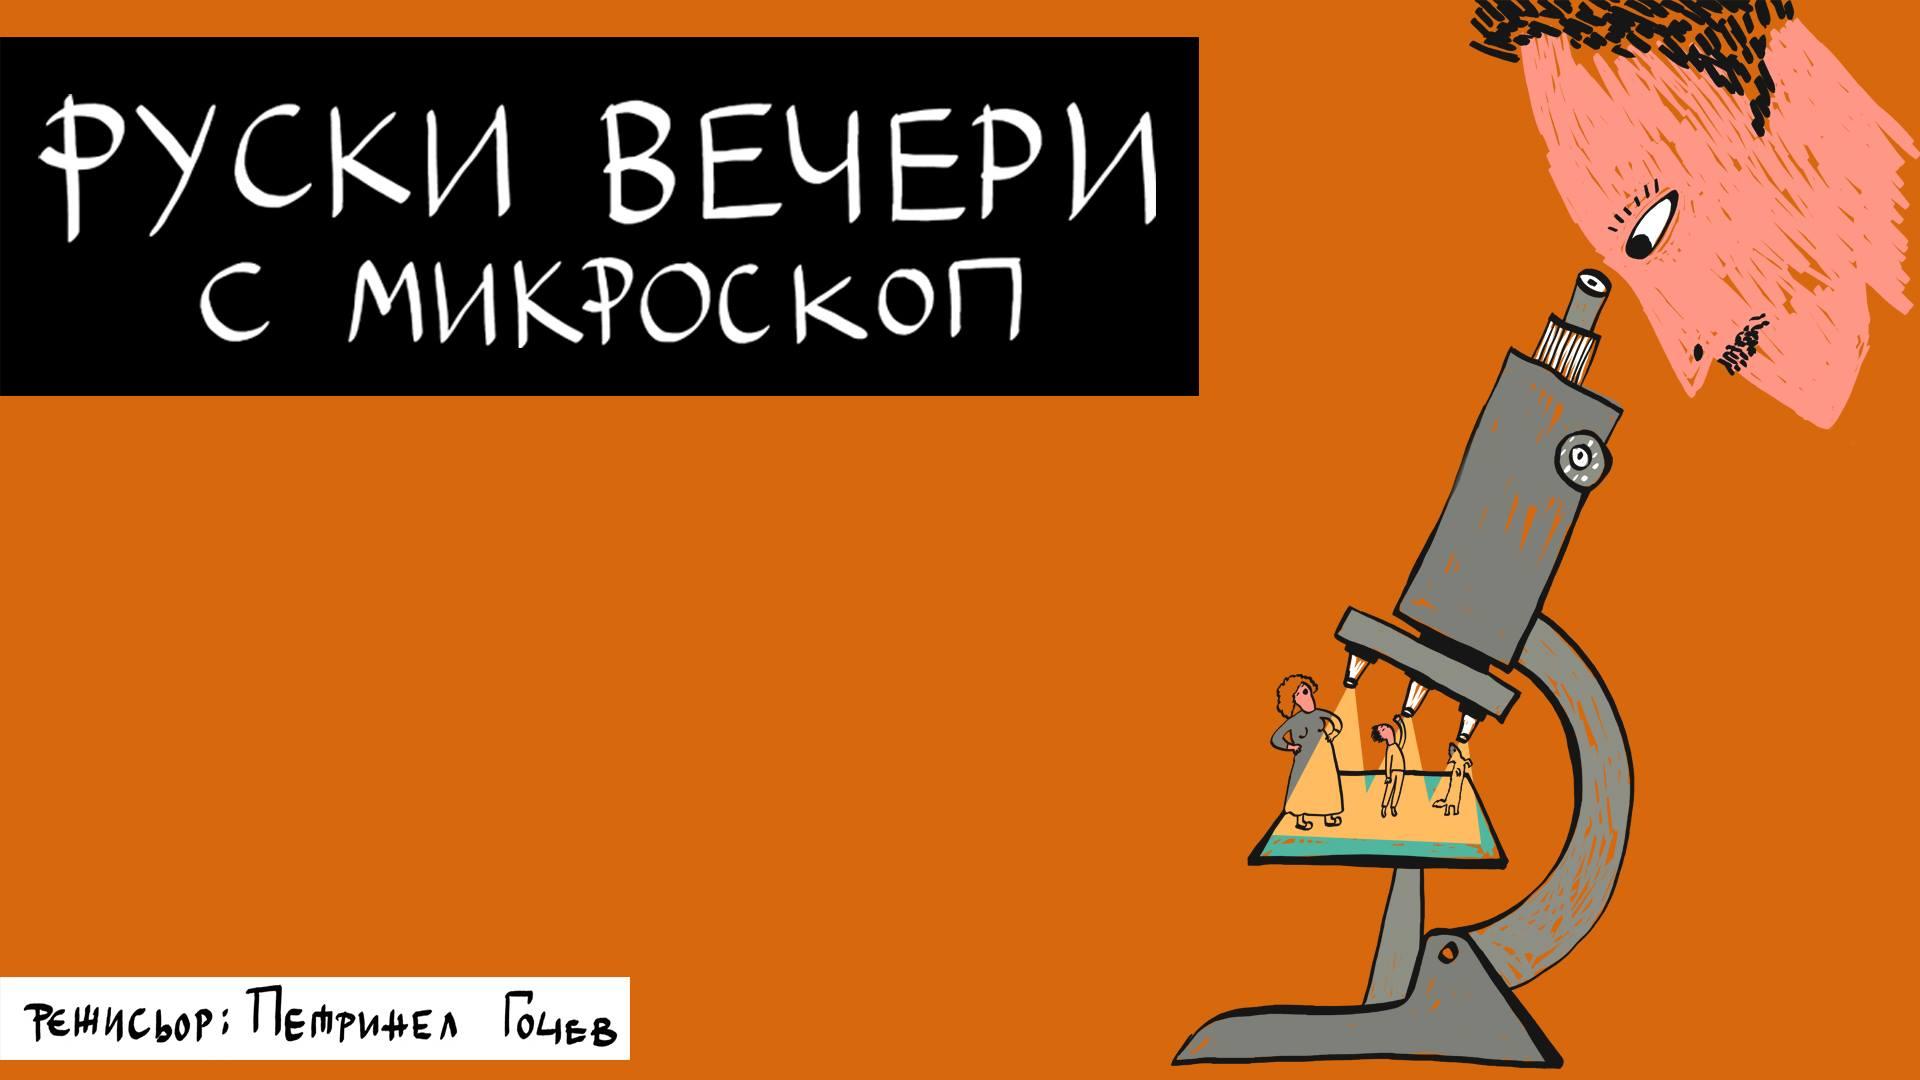 Руски вечери с микроскоп